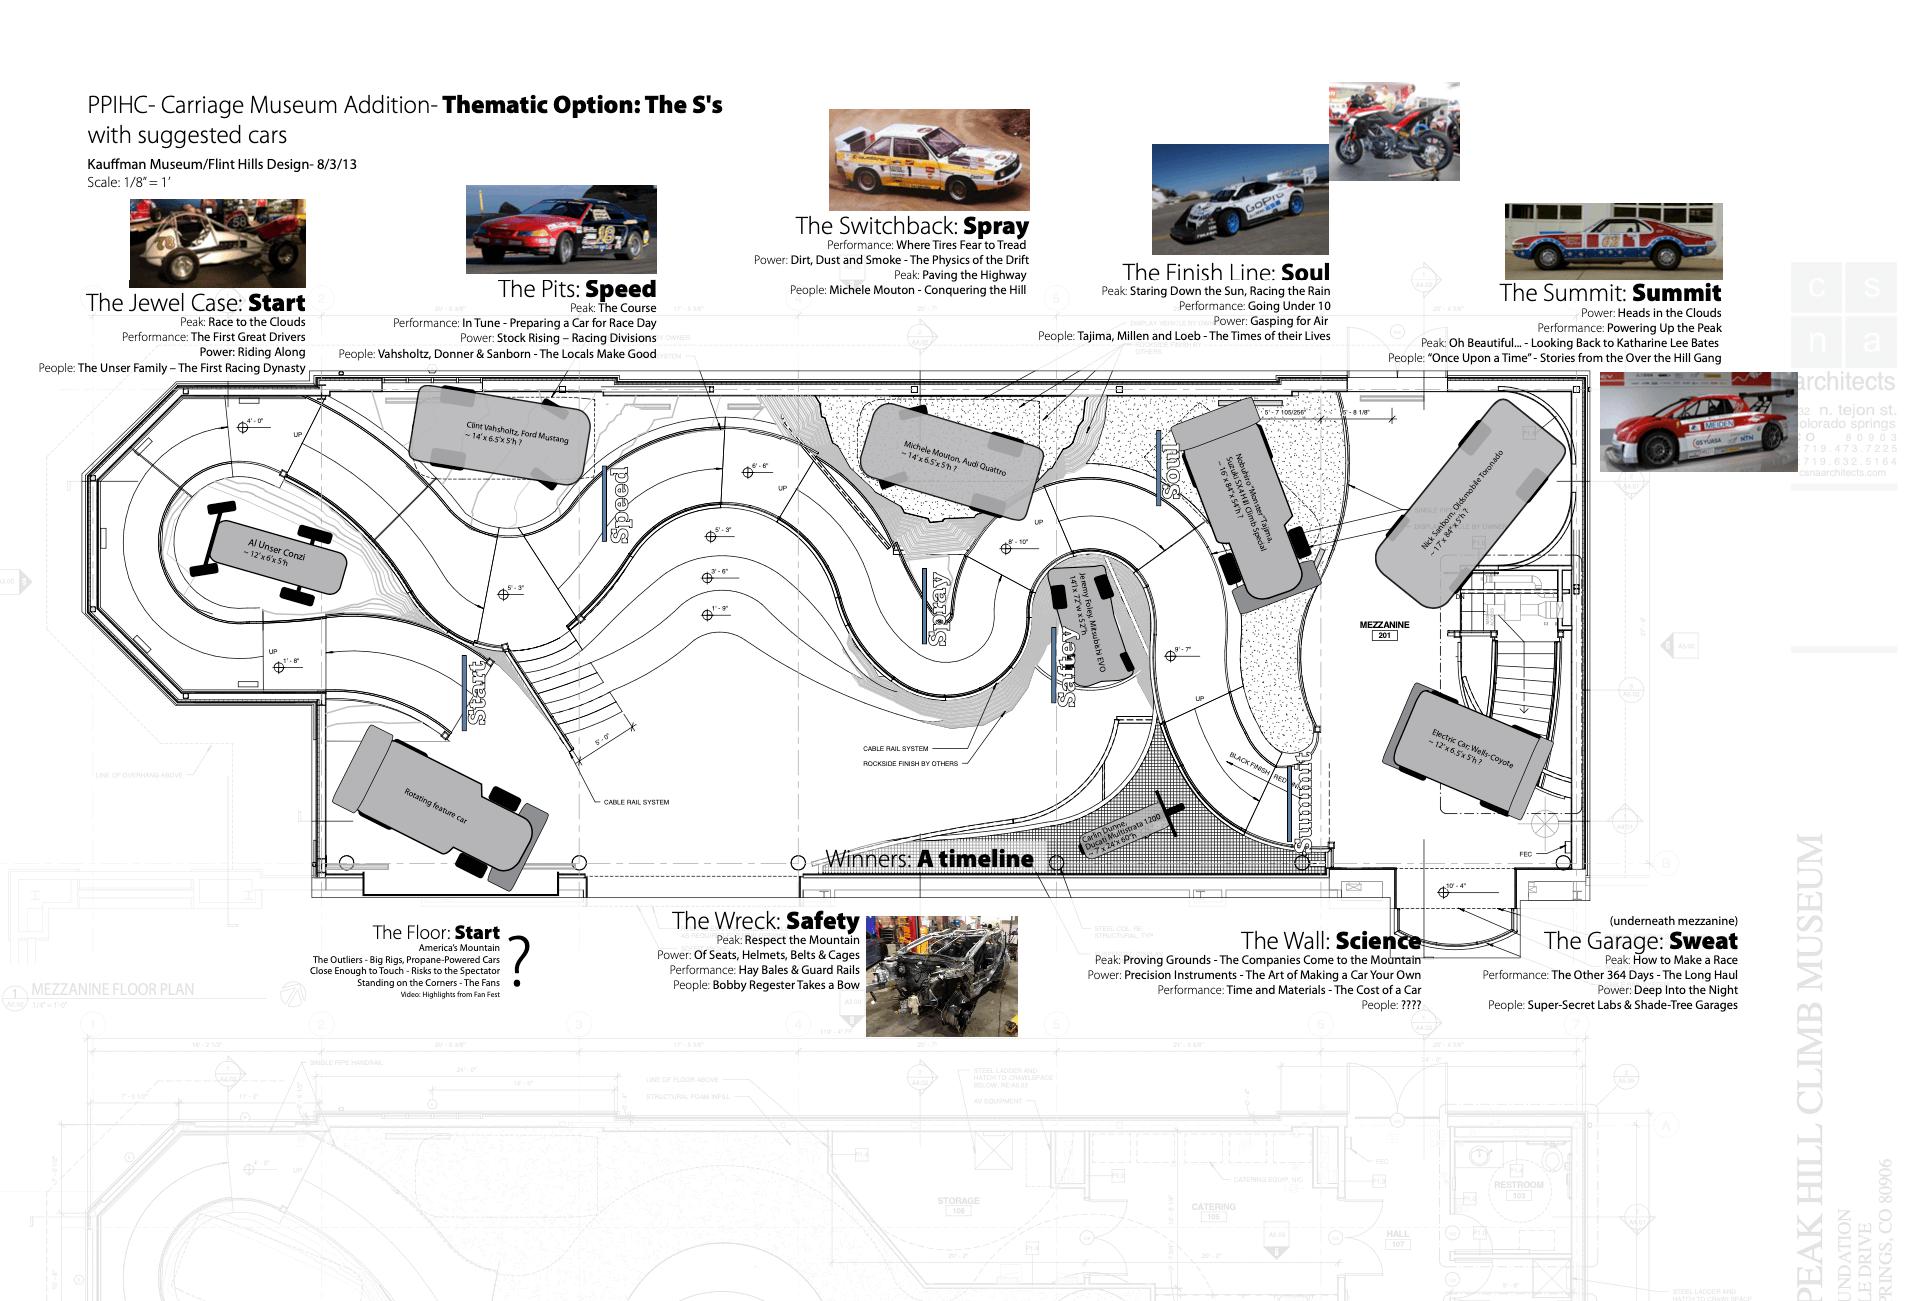 exhibit floor plan